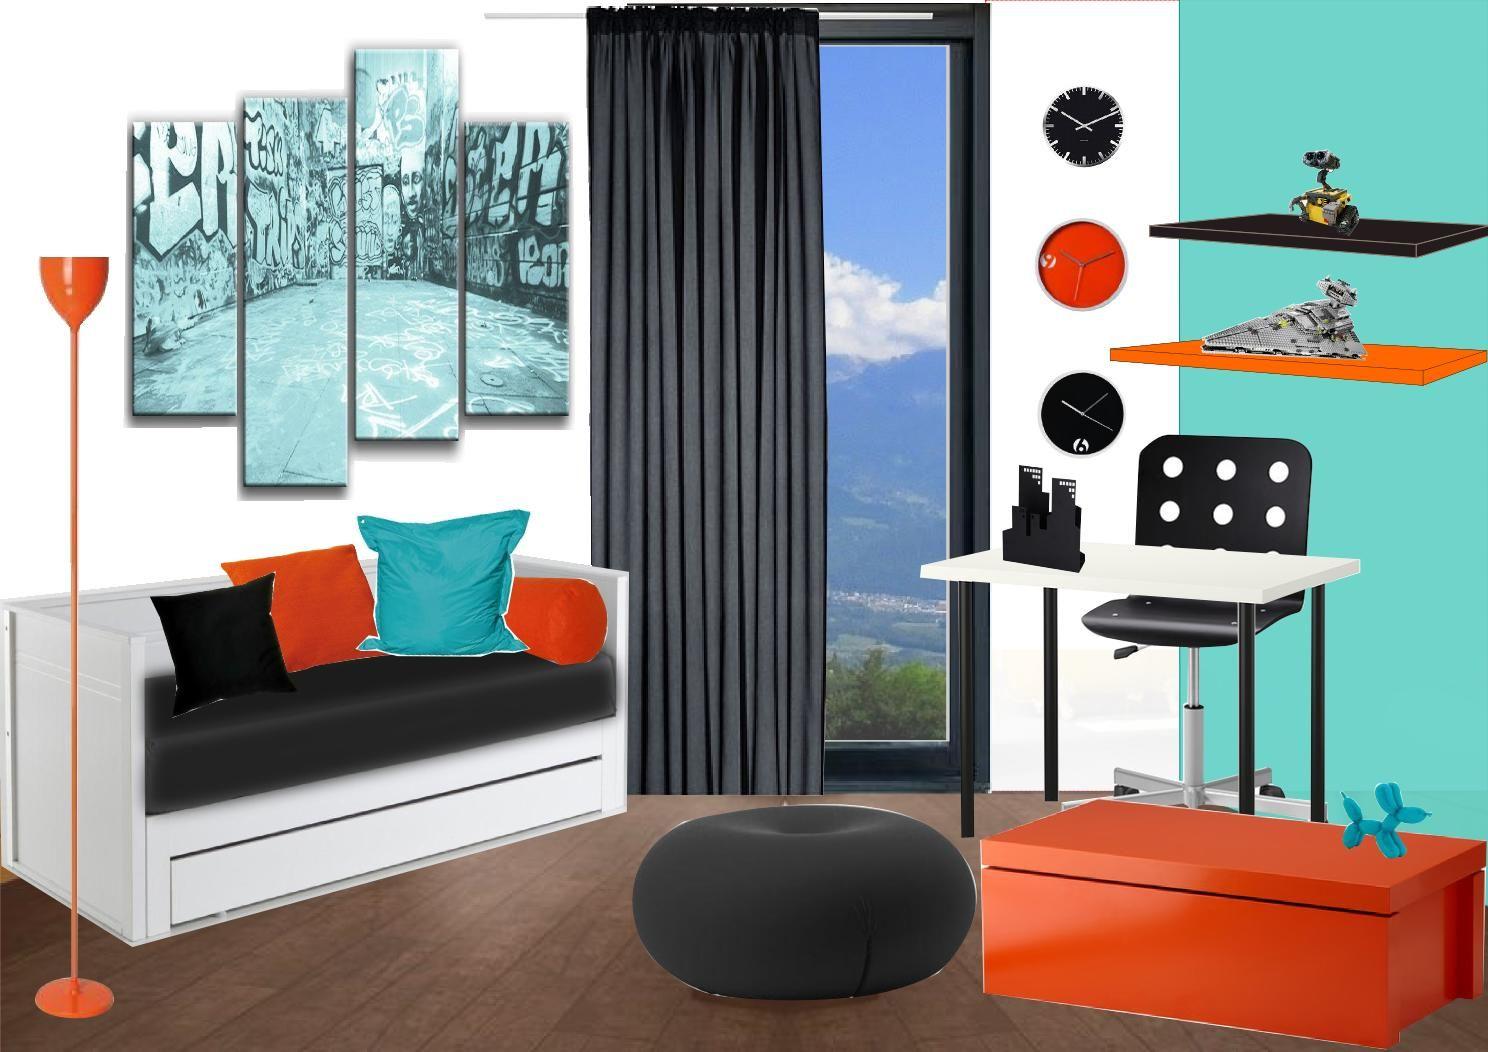 Couleur tendance chambre fille ado recherche google chambre home decor curtains et decor - Couleur tendance chambre ...